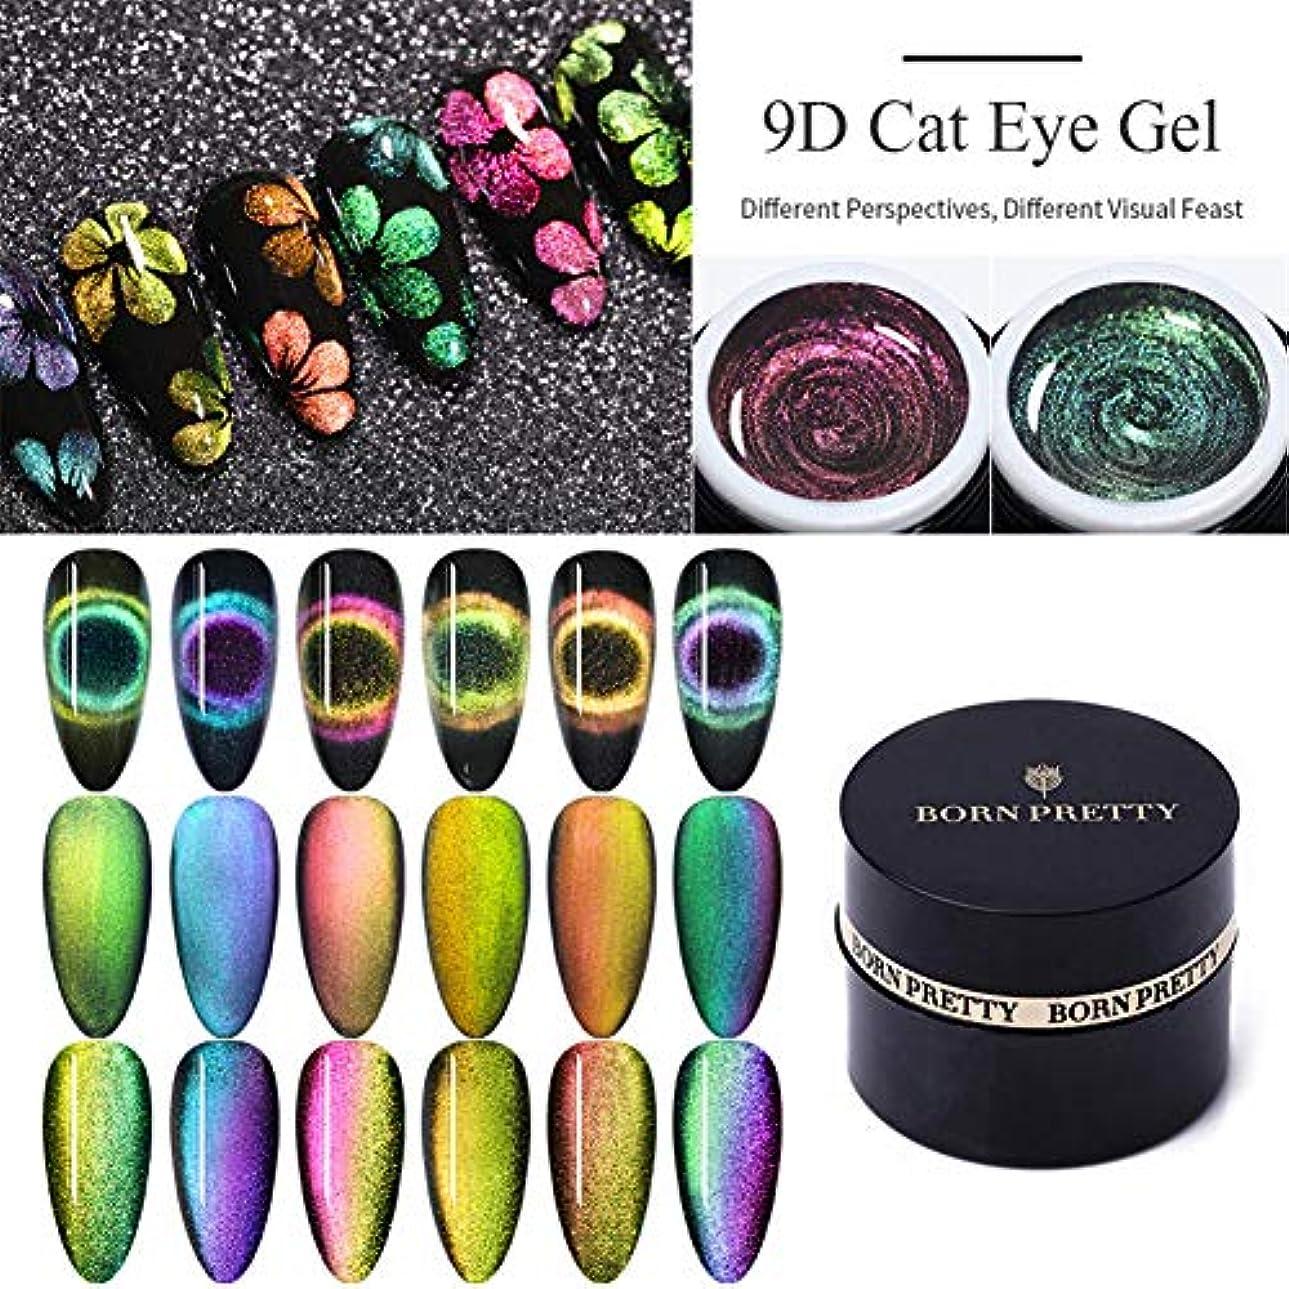 うめき声ダイヤモンドあえてBORN PRETTY 9Dキャッツアイジェルカラー 磁石で模様が変わる 5ml 6色選択可 UV/LED対応 ジェルネイルアート (6色セット)